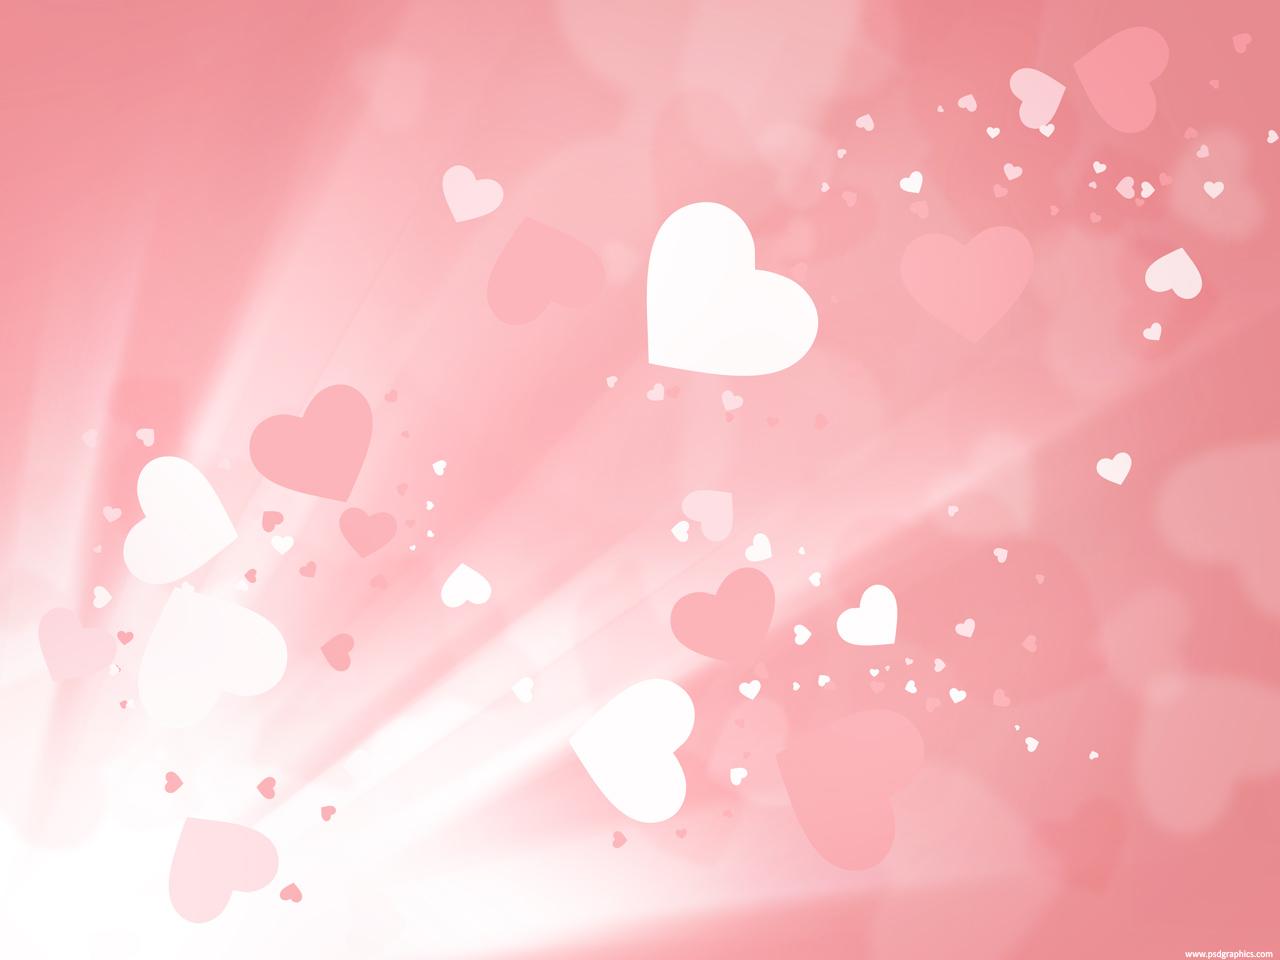 Background Valentine 1280x960